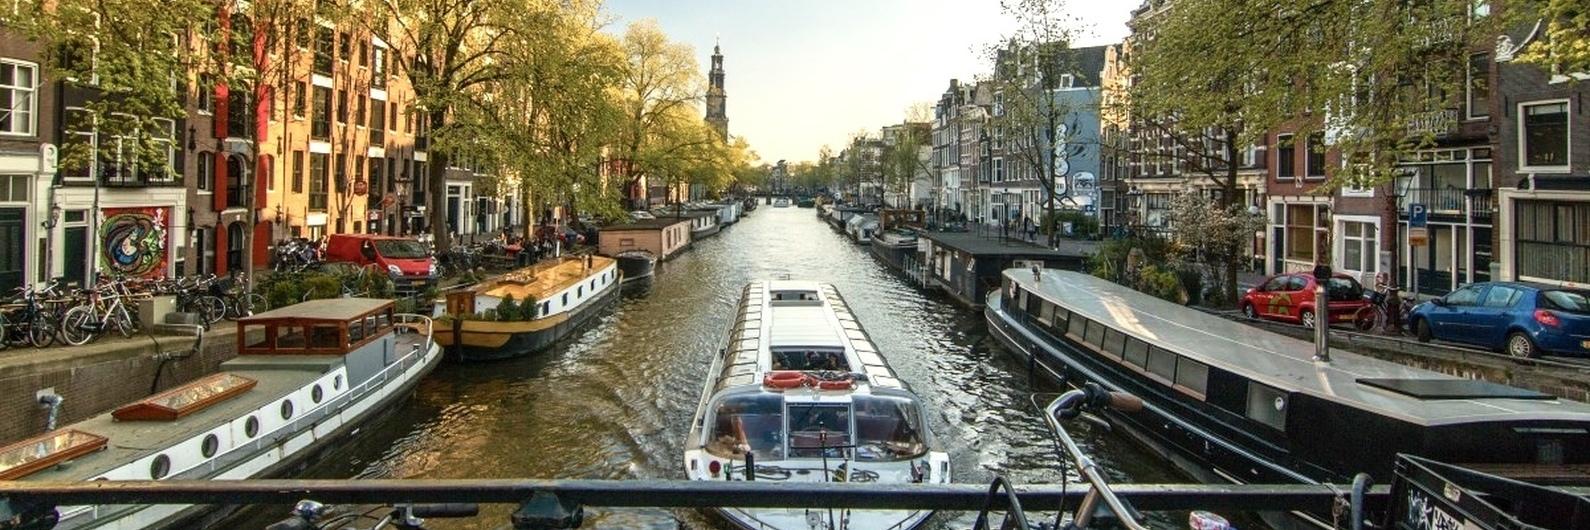 Se sempre sonhou visitar os canais de Amesterdão, não espere mais